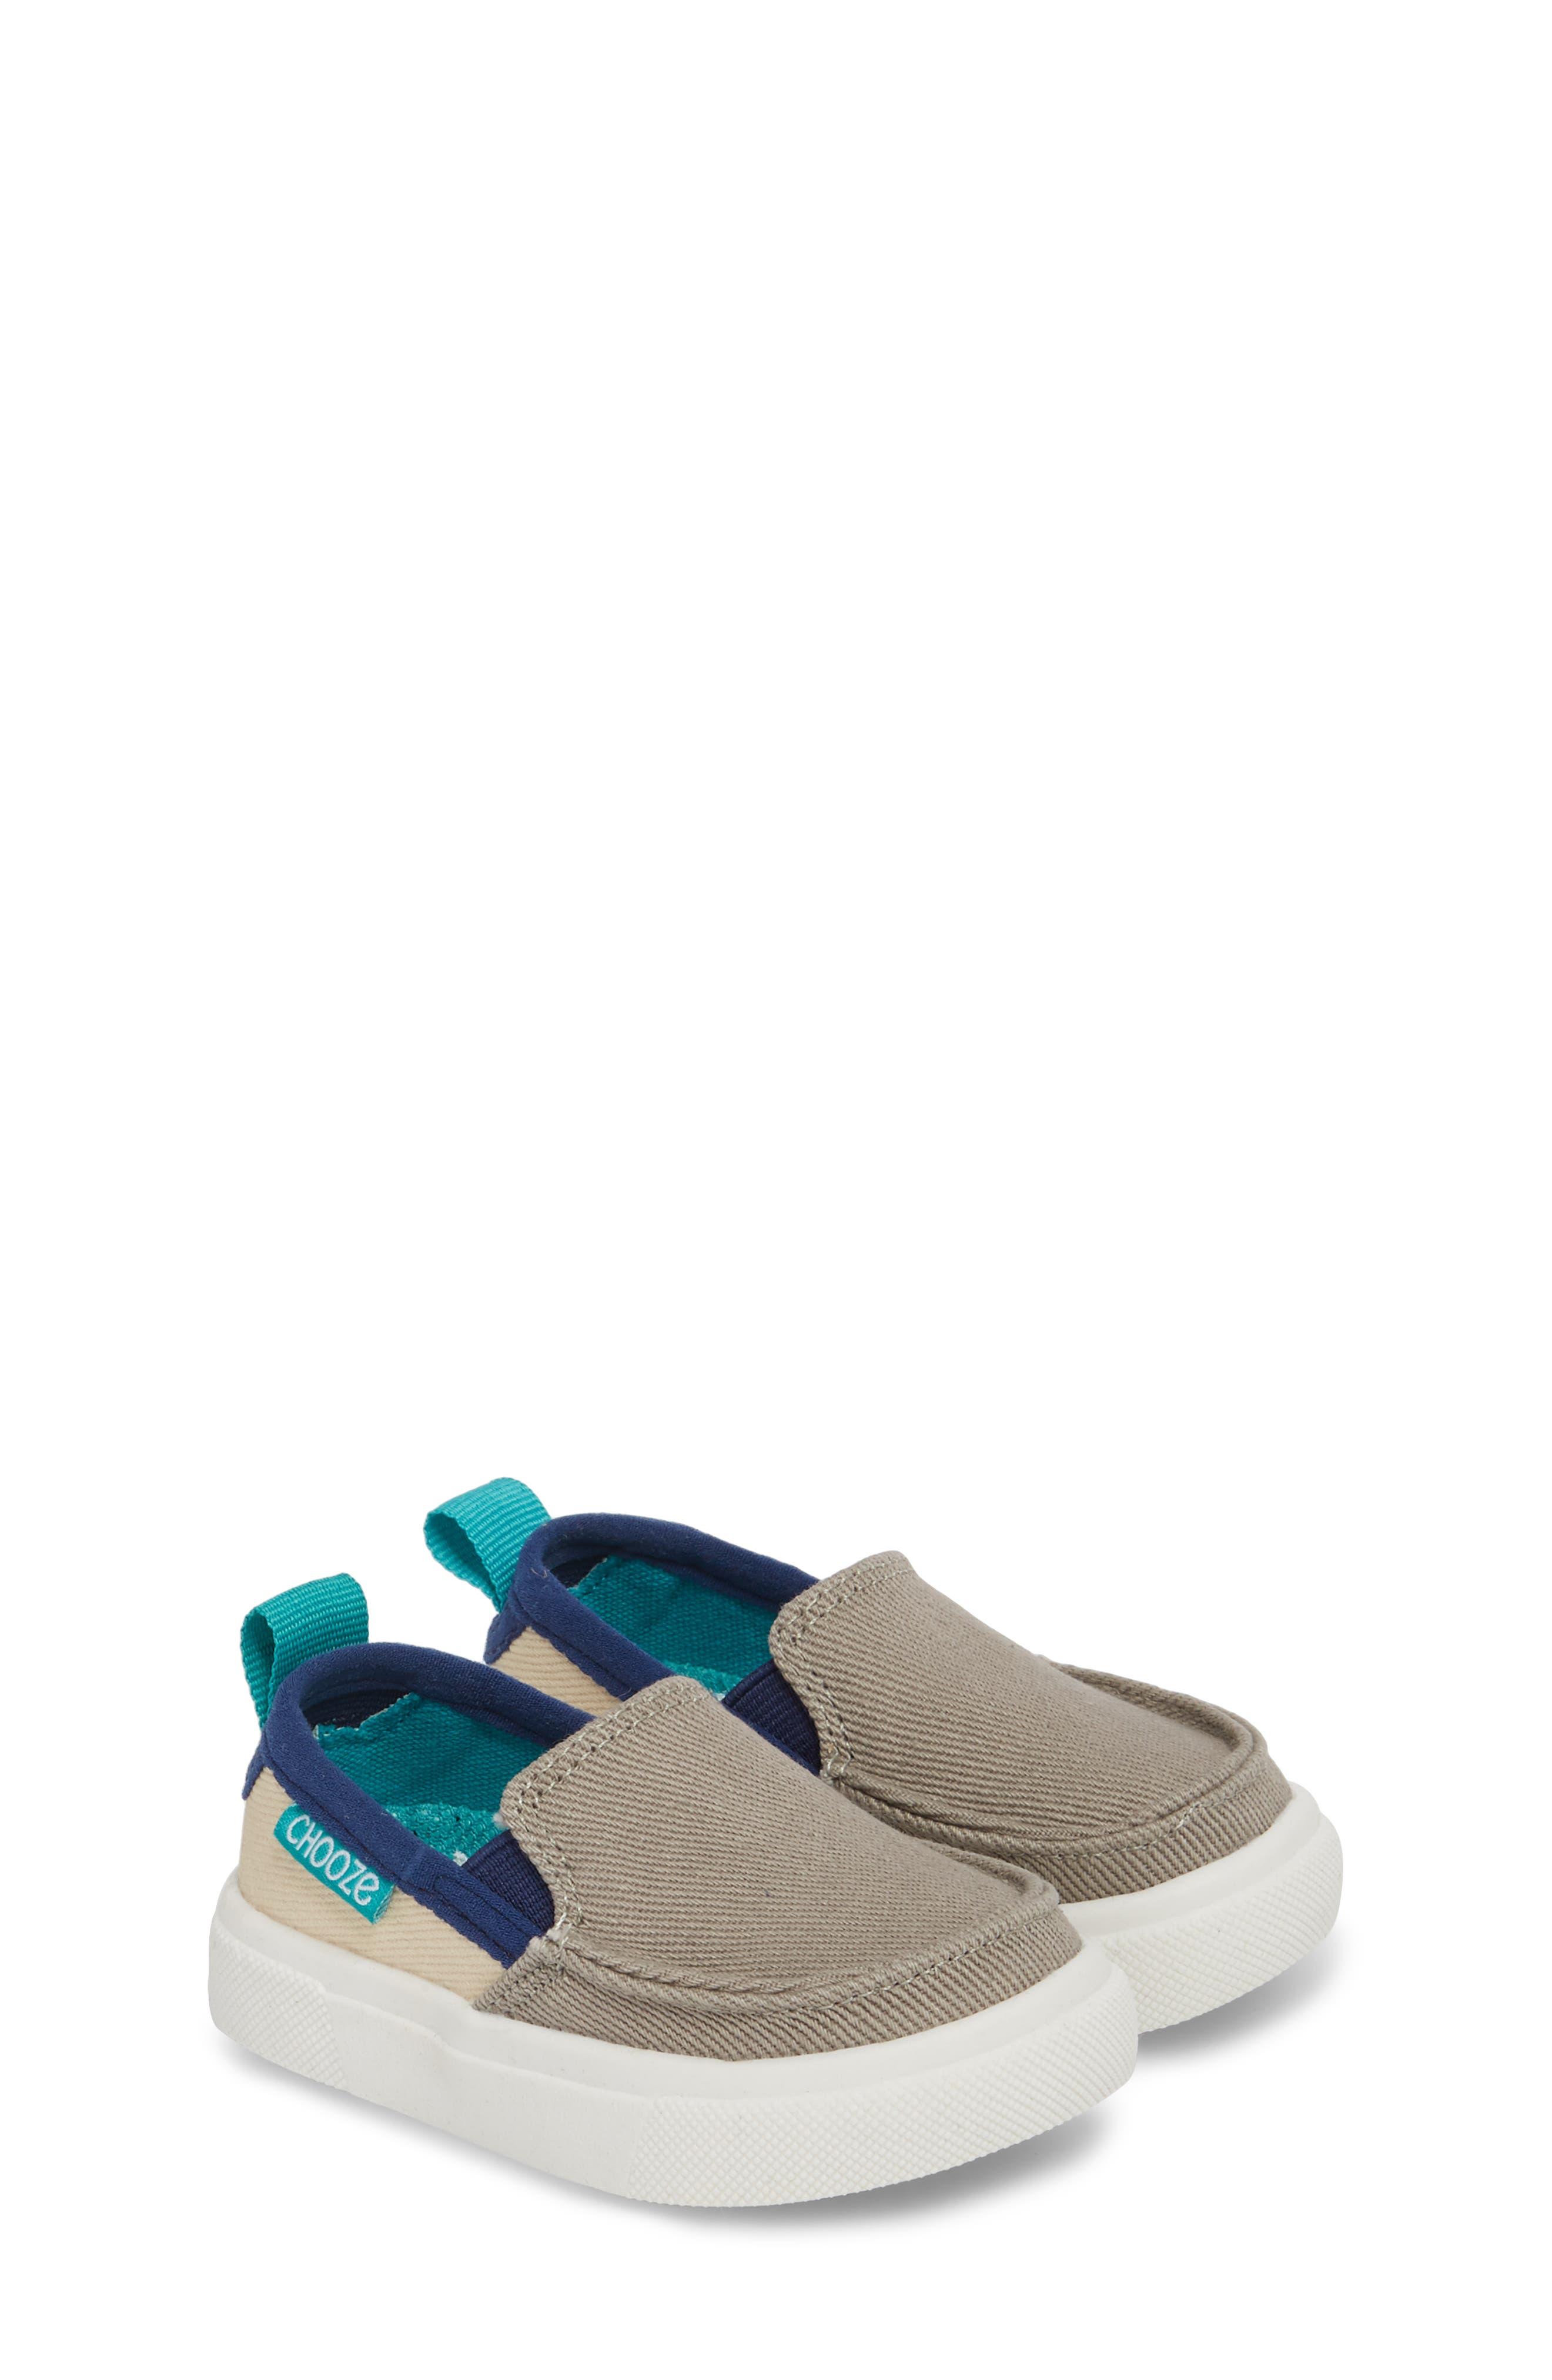 Roam Slip-On Sneaker,                         Main,                         color, Earth